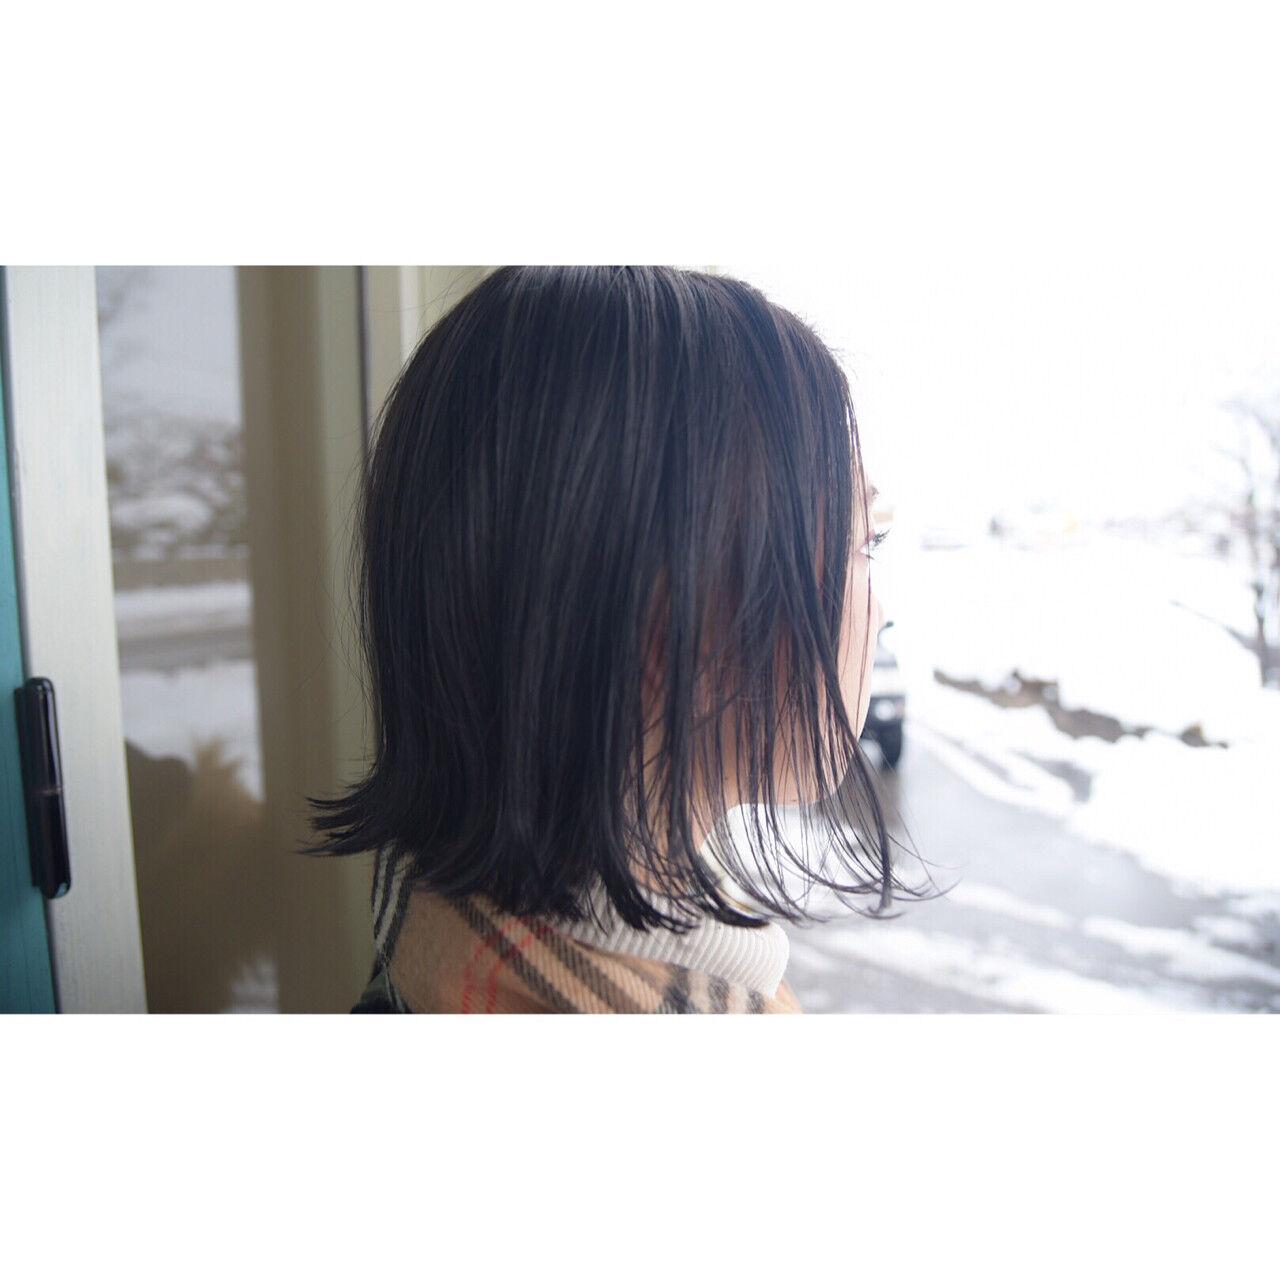 バレンタイン アンニュイ アウトドア 簡単ヘアアレンジヘアスタイルや髪型の写真・画像